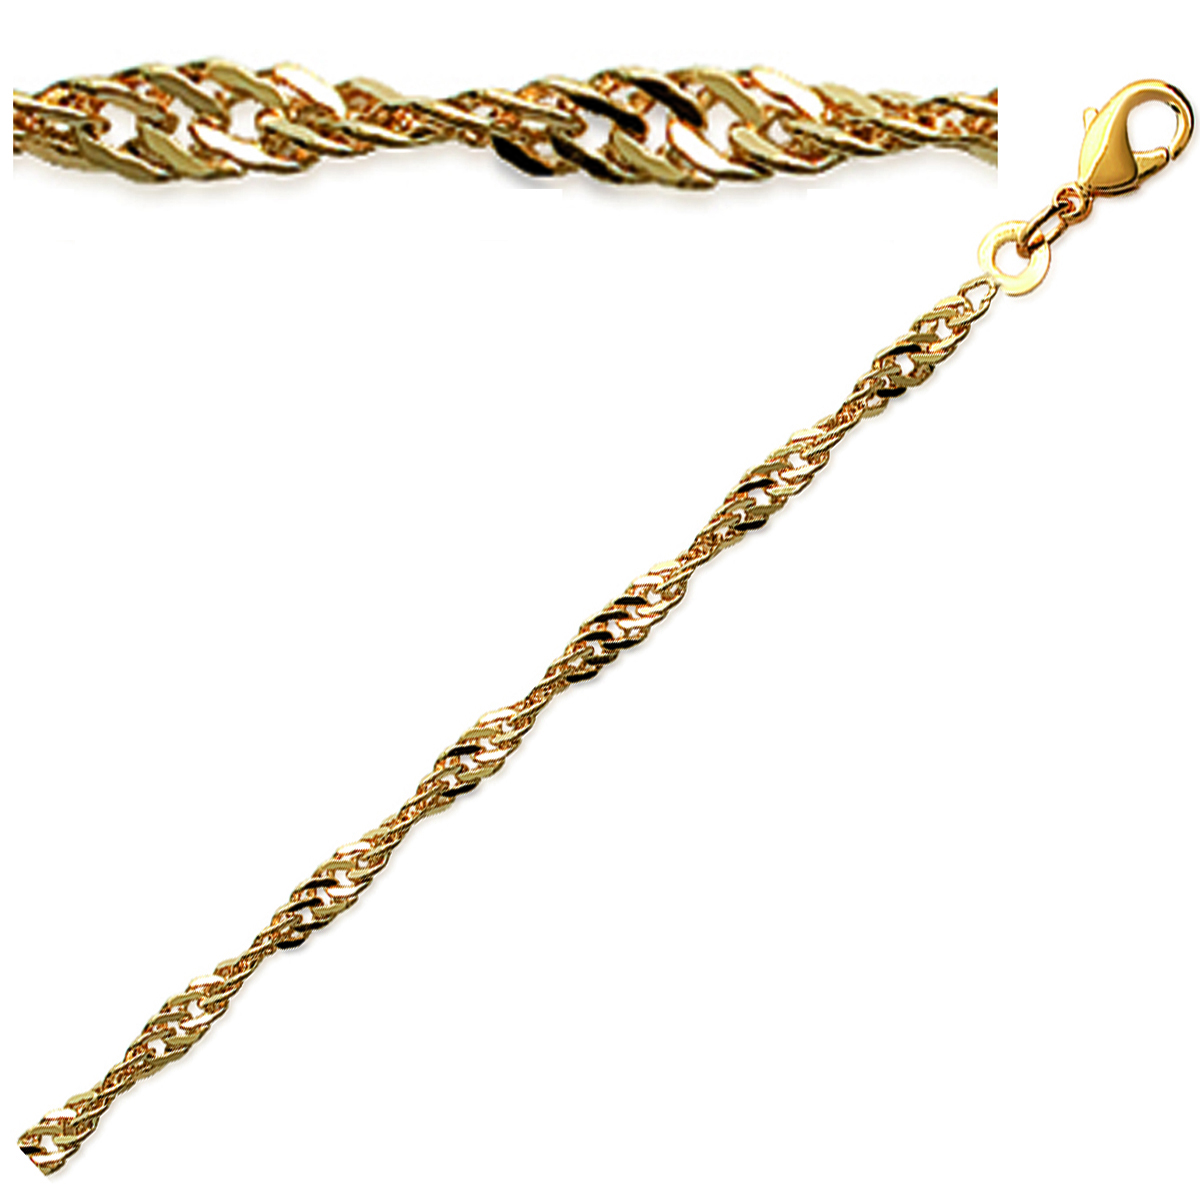 Chaine / Collier Plaqué Or \'Singapour\' doré - 45 cm 3 mm - [C7356]